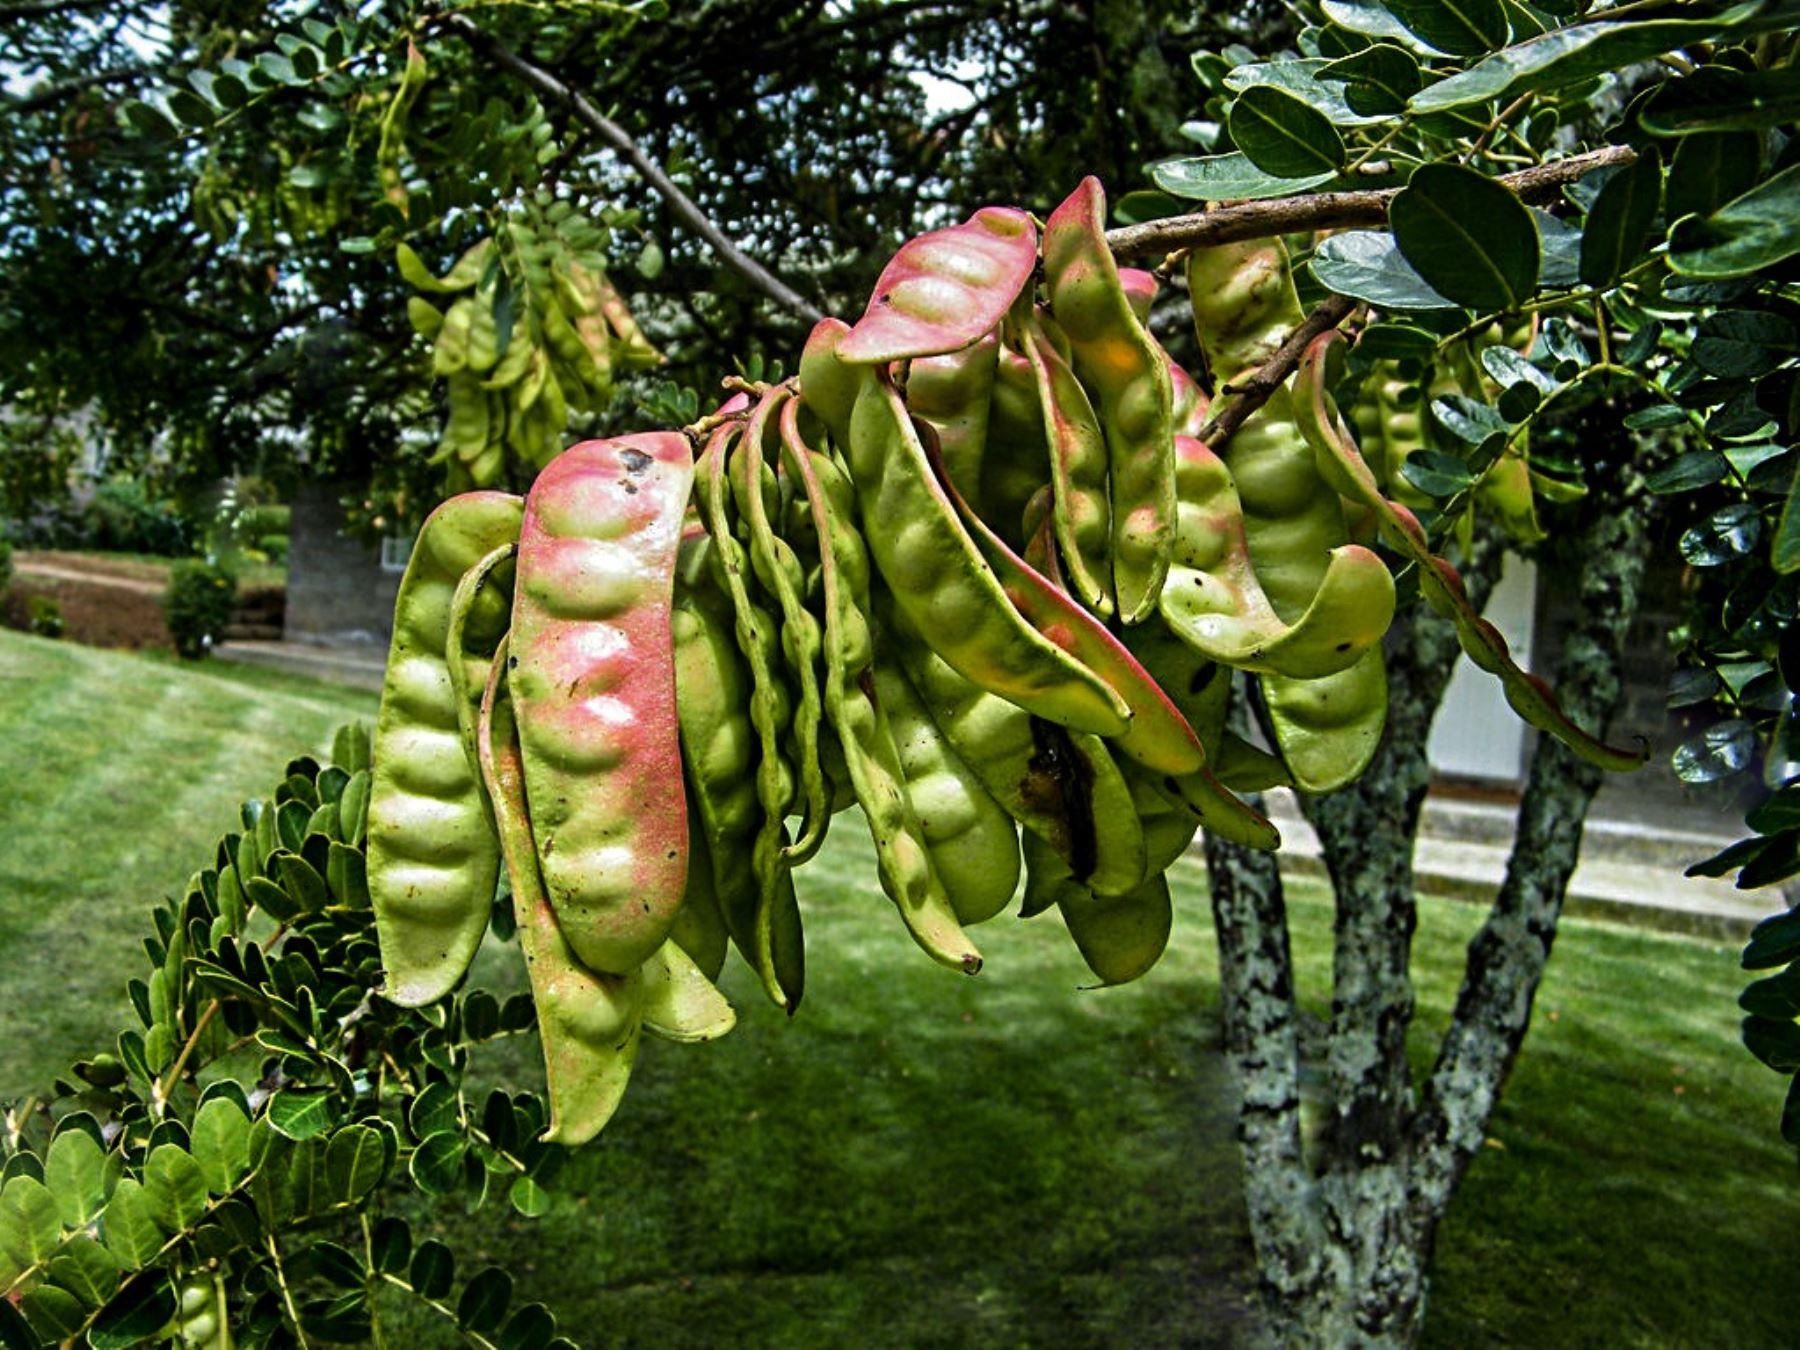 Investigadores de la Universidad Toribio Rodriguez de Mendoza elaboraron un novedoso producto a base de goma de semilla de tara que permite conservar por más tiempo frutas y hortalizas. ANDINA/Difusión